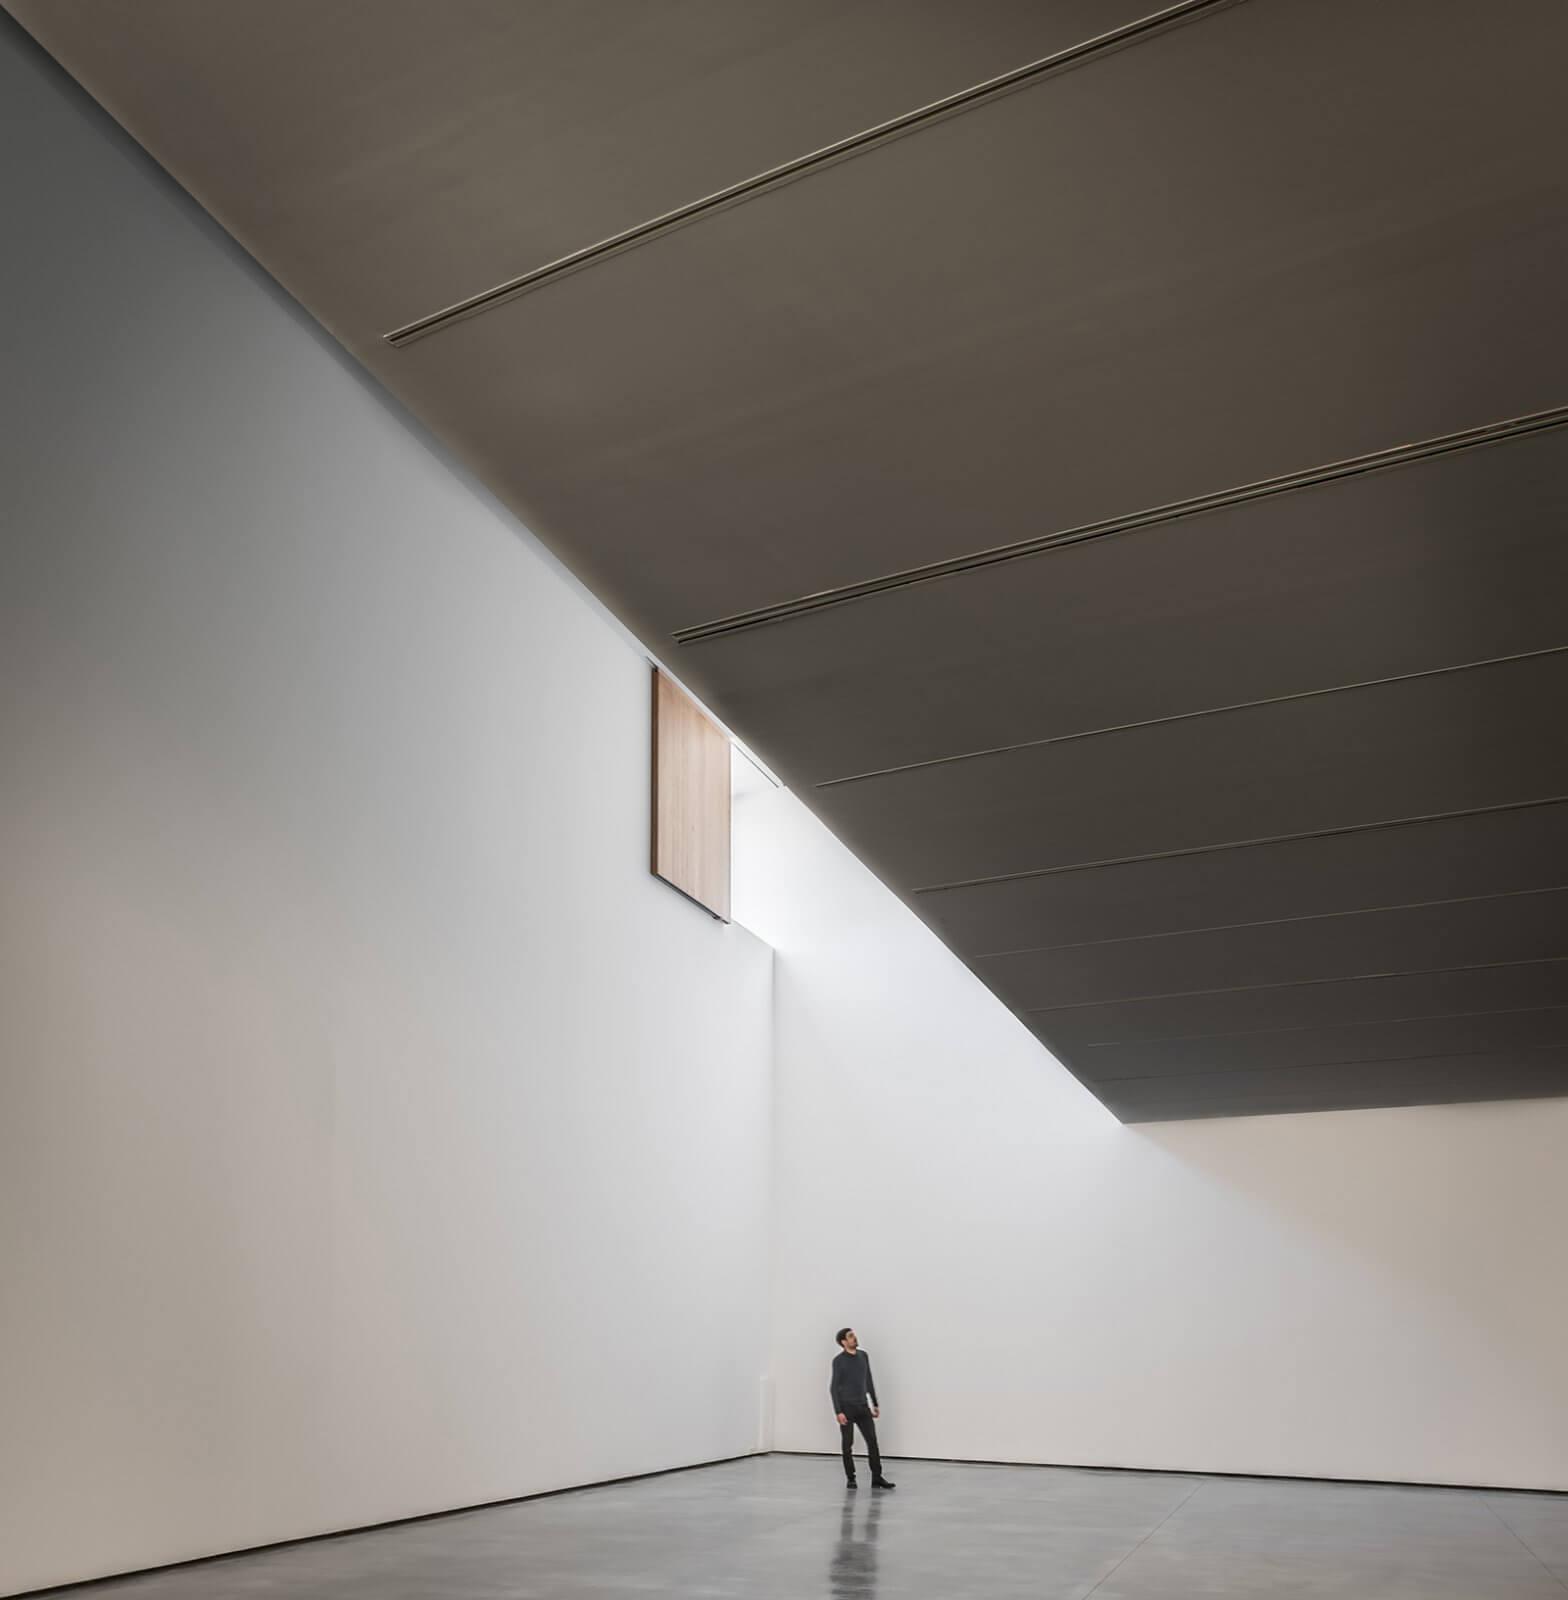 Museo de Arte Contemporáneo Helga de Alvear  - 6 45